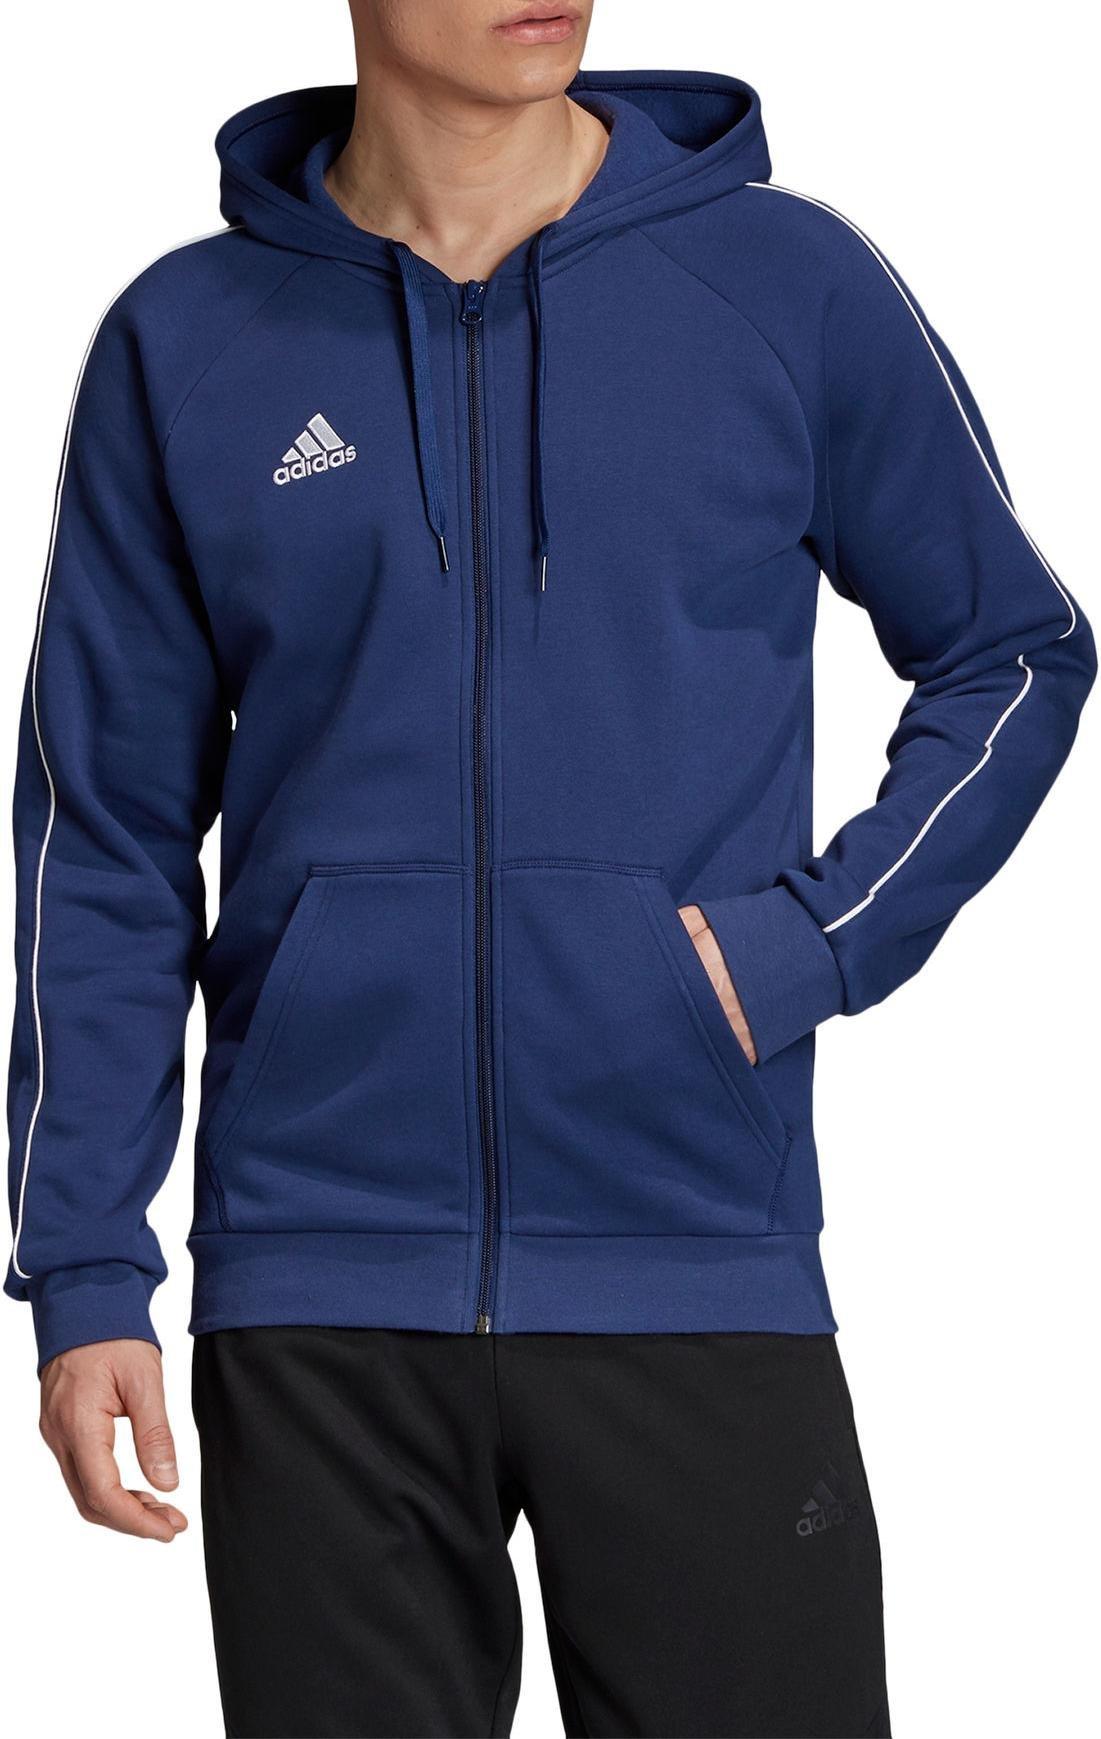 Mikina s kapucňou adidas CORE18 FZ HOODY